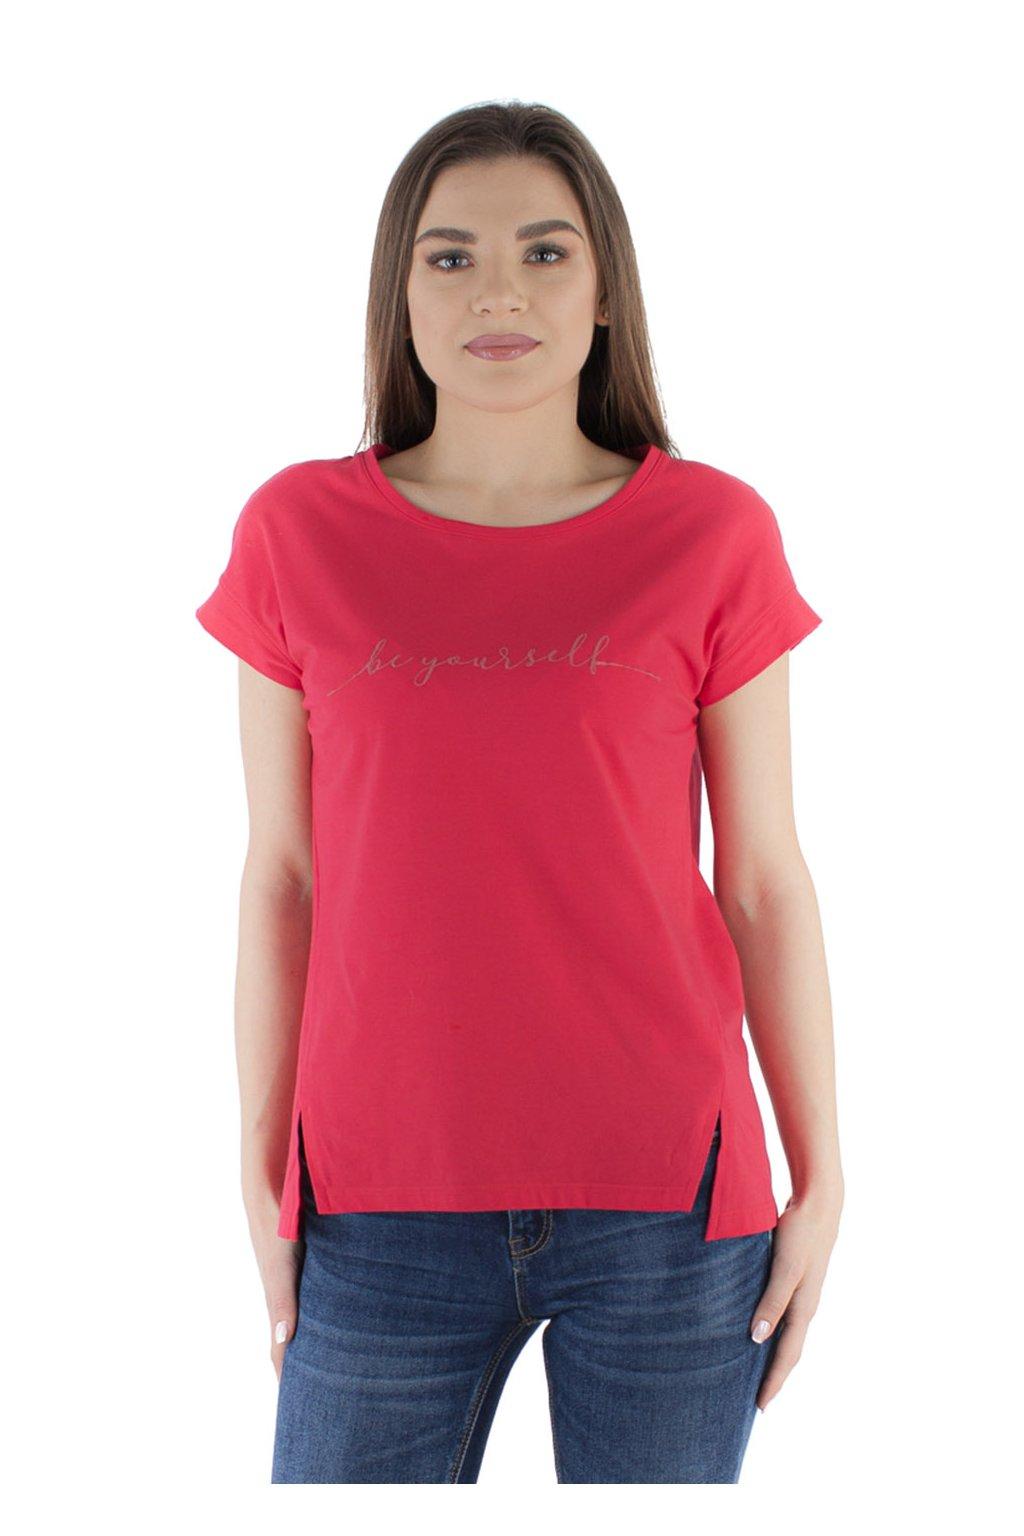 Dámská halenka s krátkým rukávem, 103763 221, červená